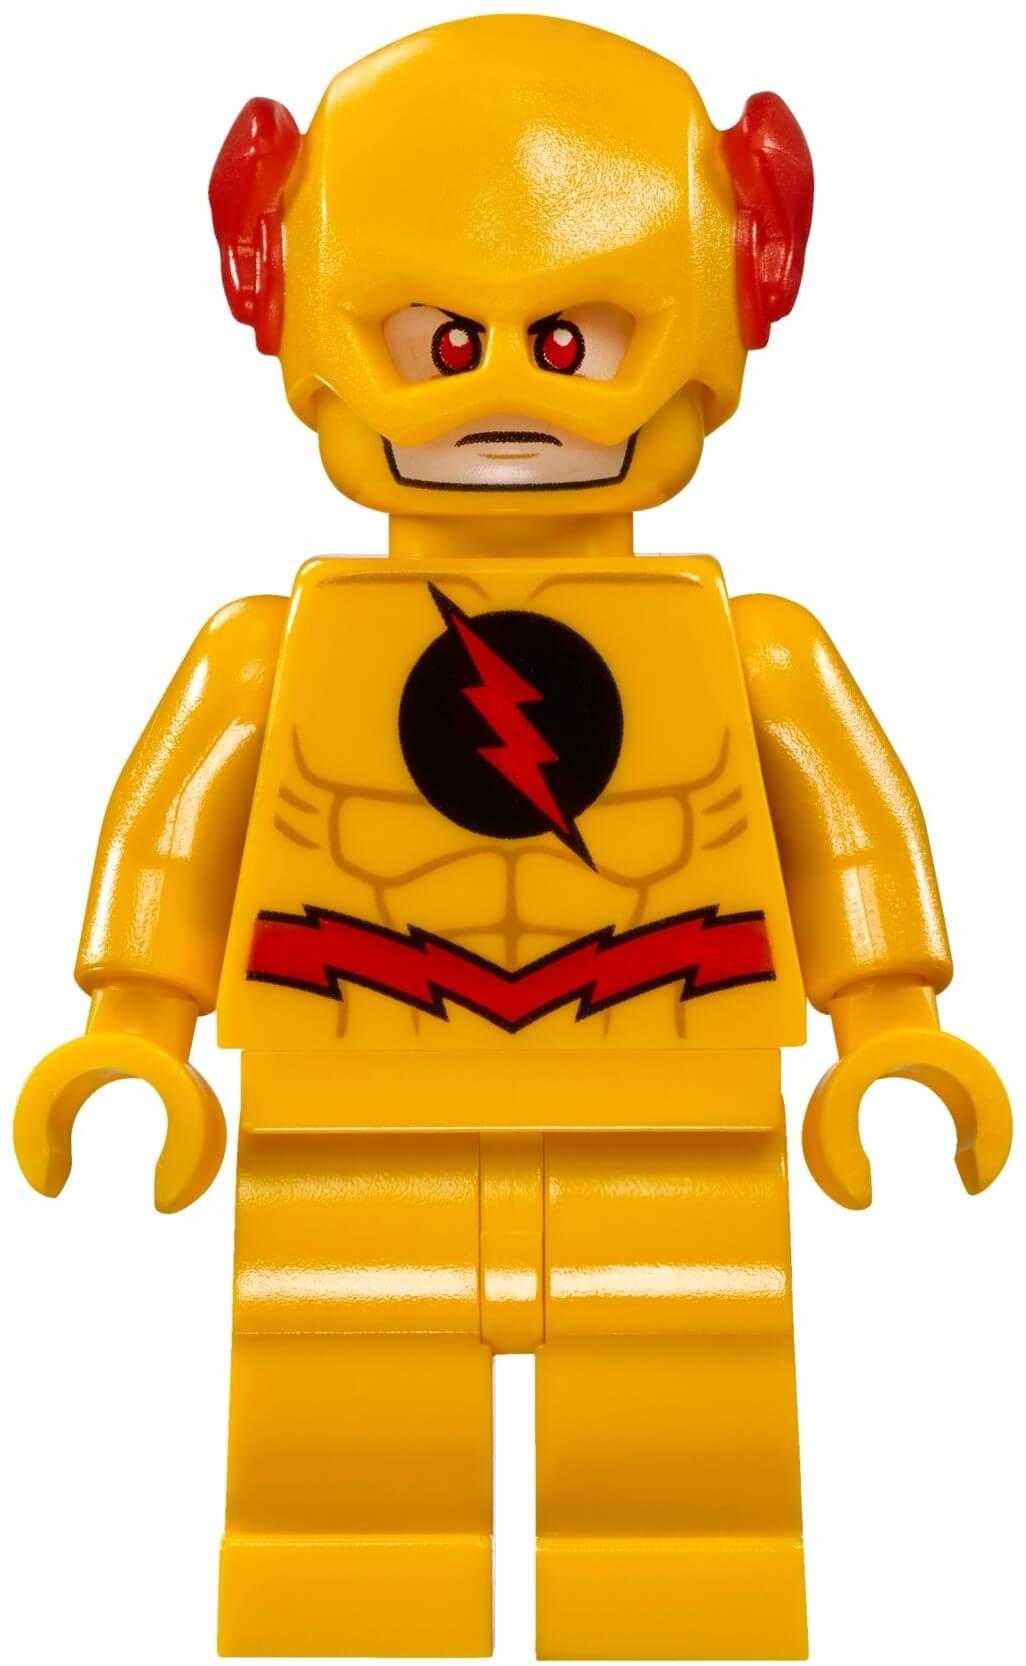 Mua đồ chơi LEGO 76098 - LEGO DC Comics Super Heroes 76098 - The Flash đại chiến Người Băng (LEGO DC Comics Super Heroes 76098 Speed Force Freeze Pursuit)